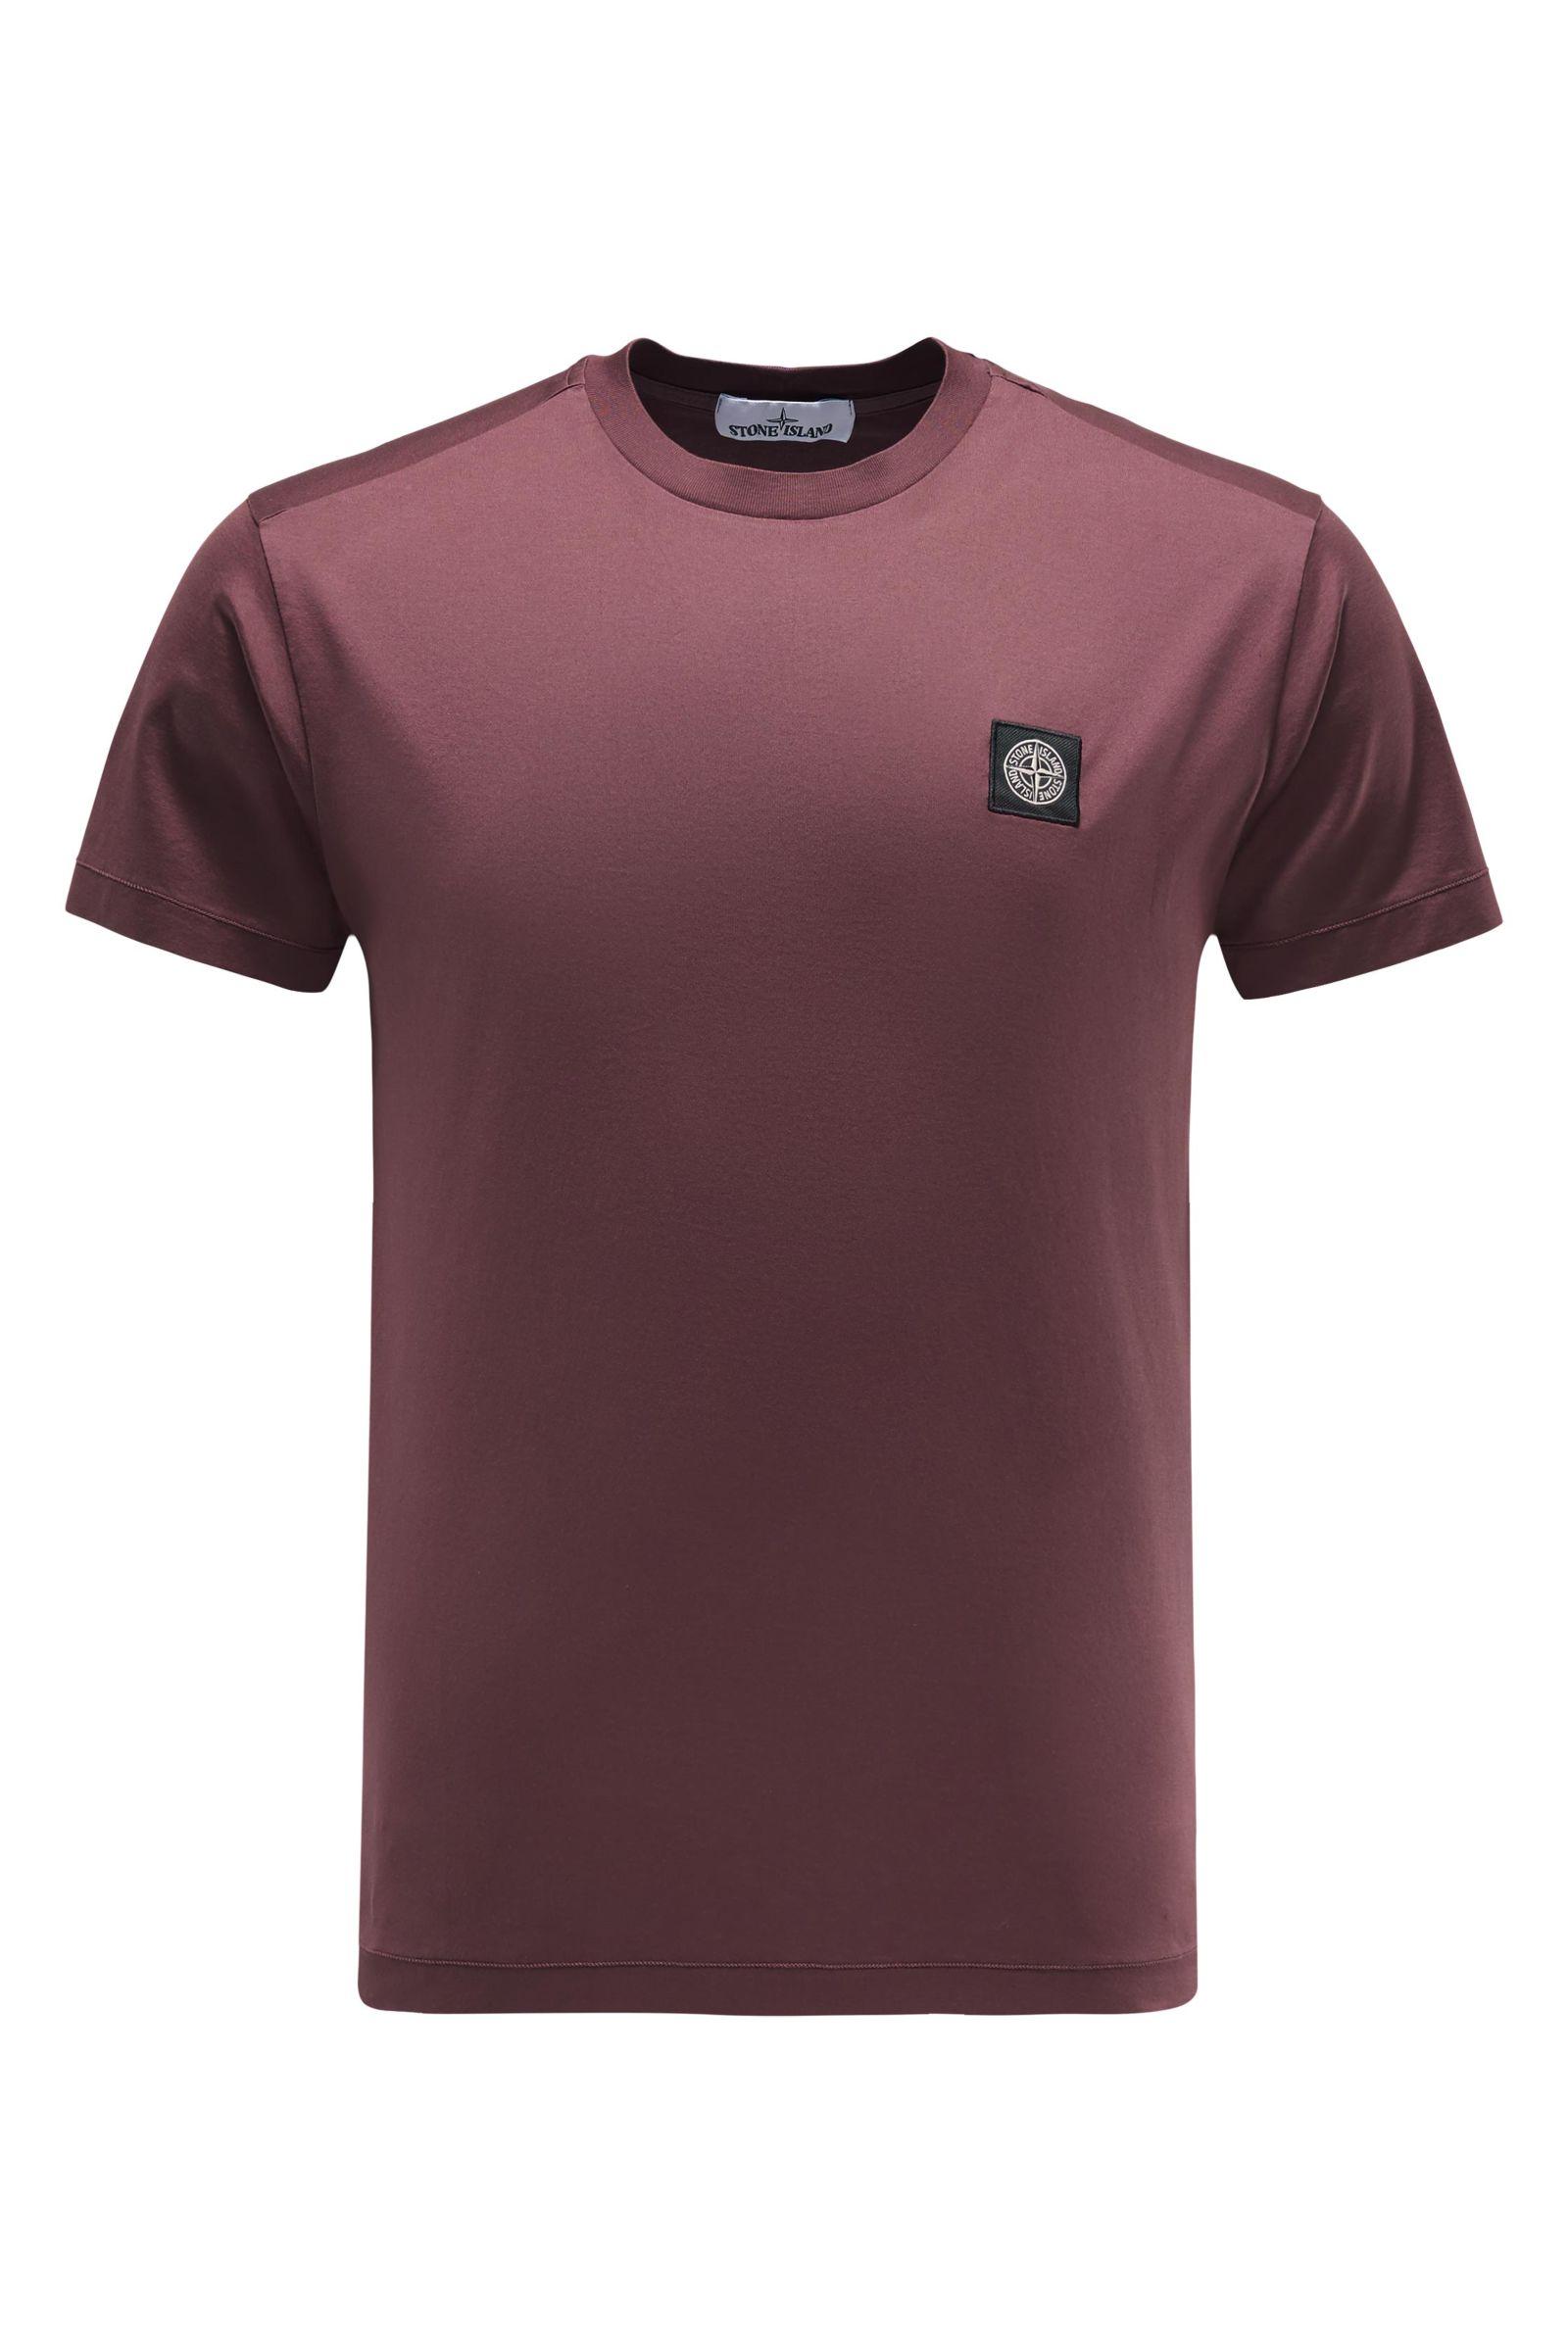 R-Neck T-Shirt bordeaux